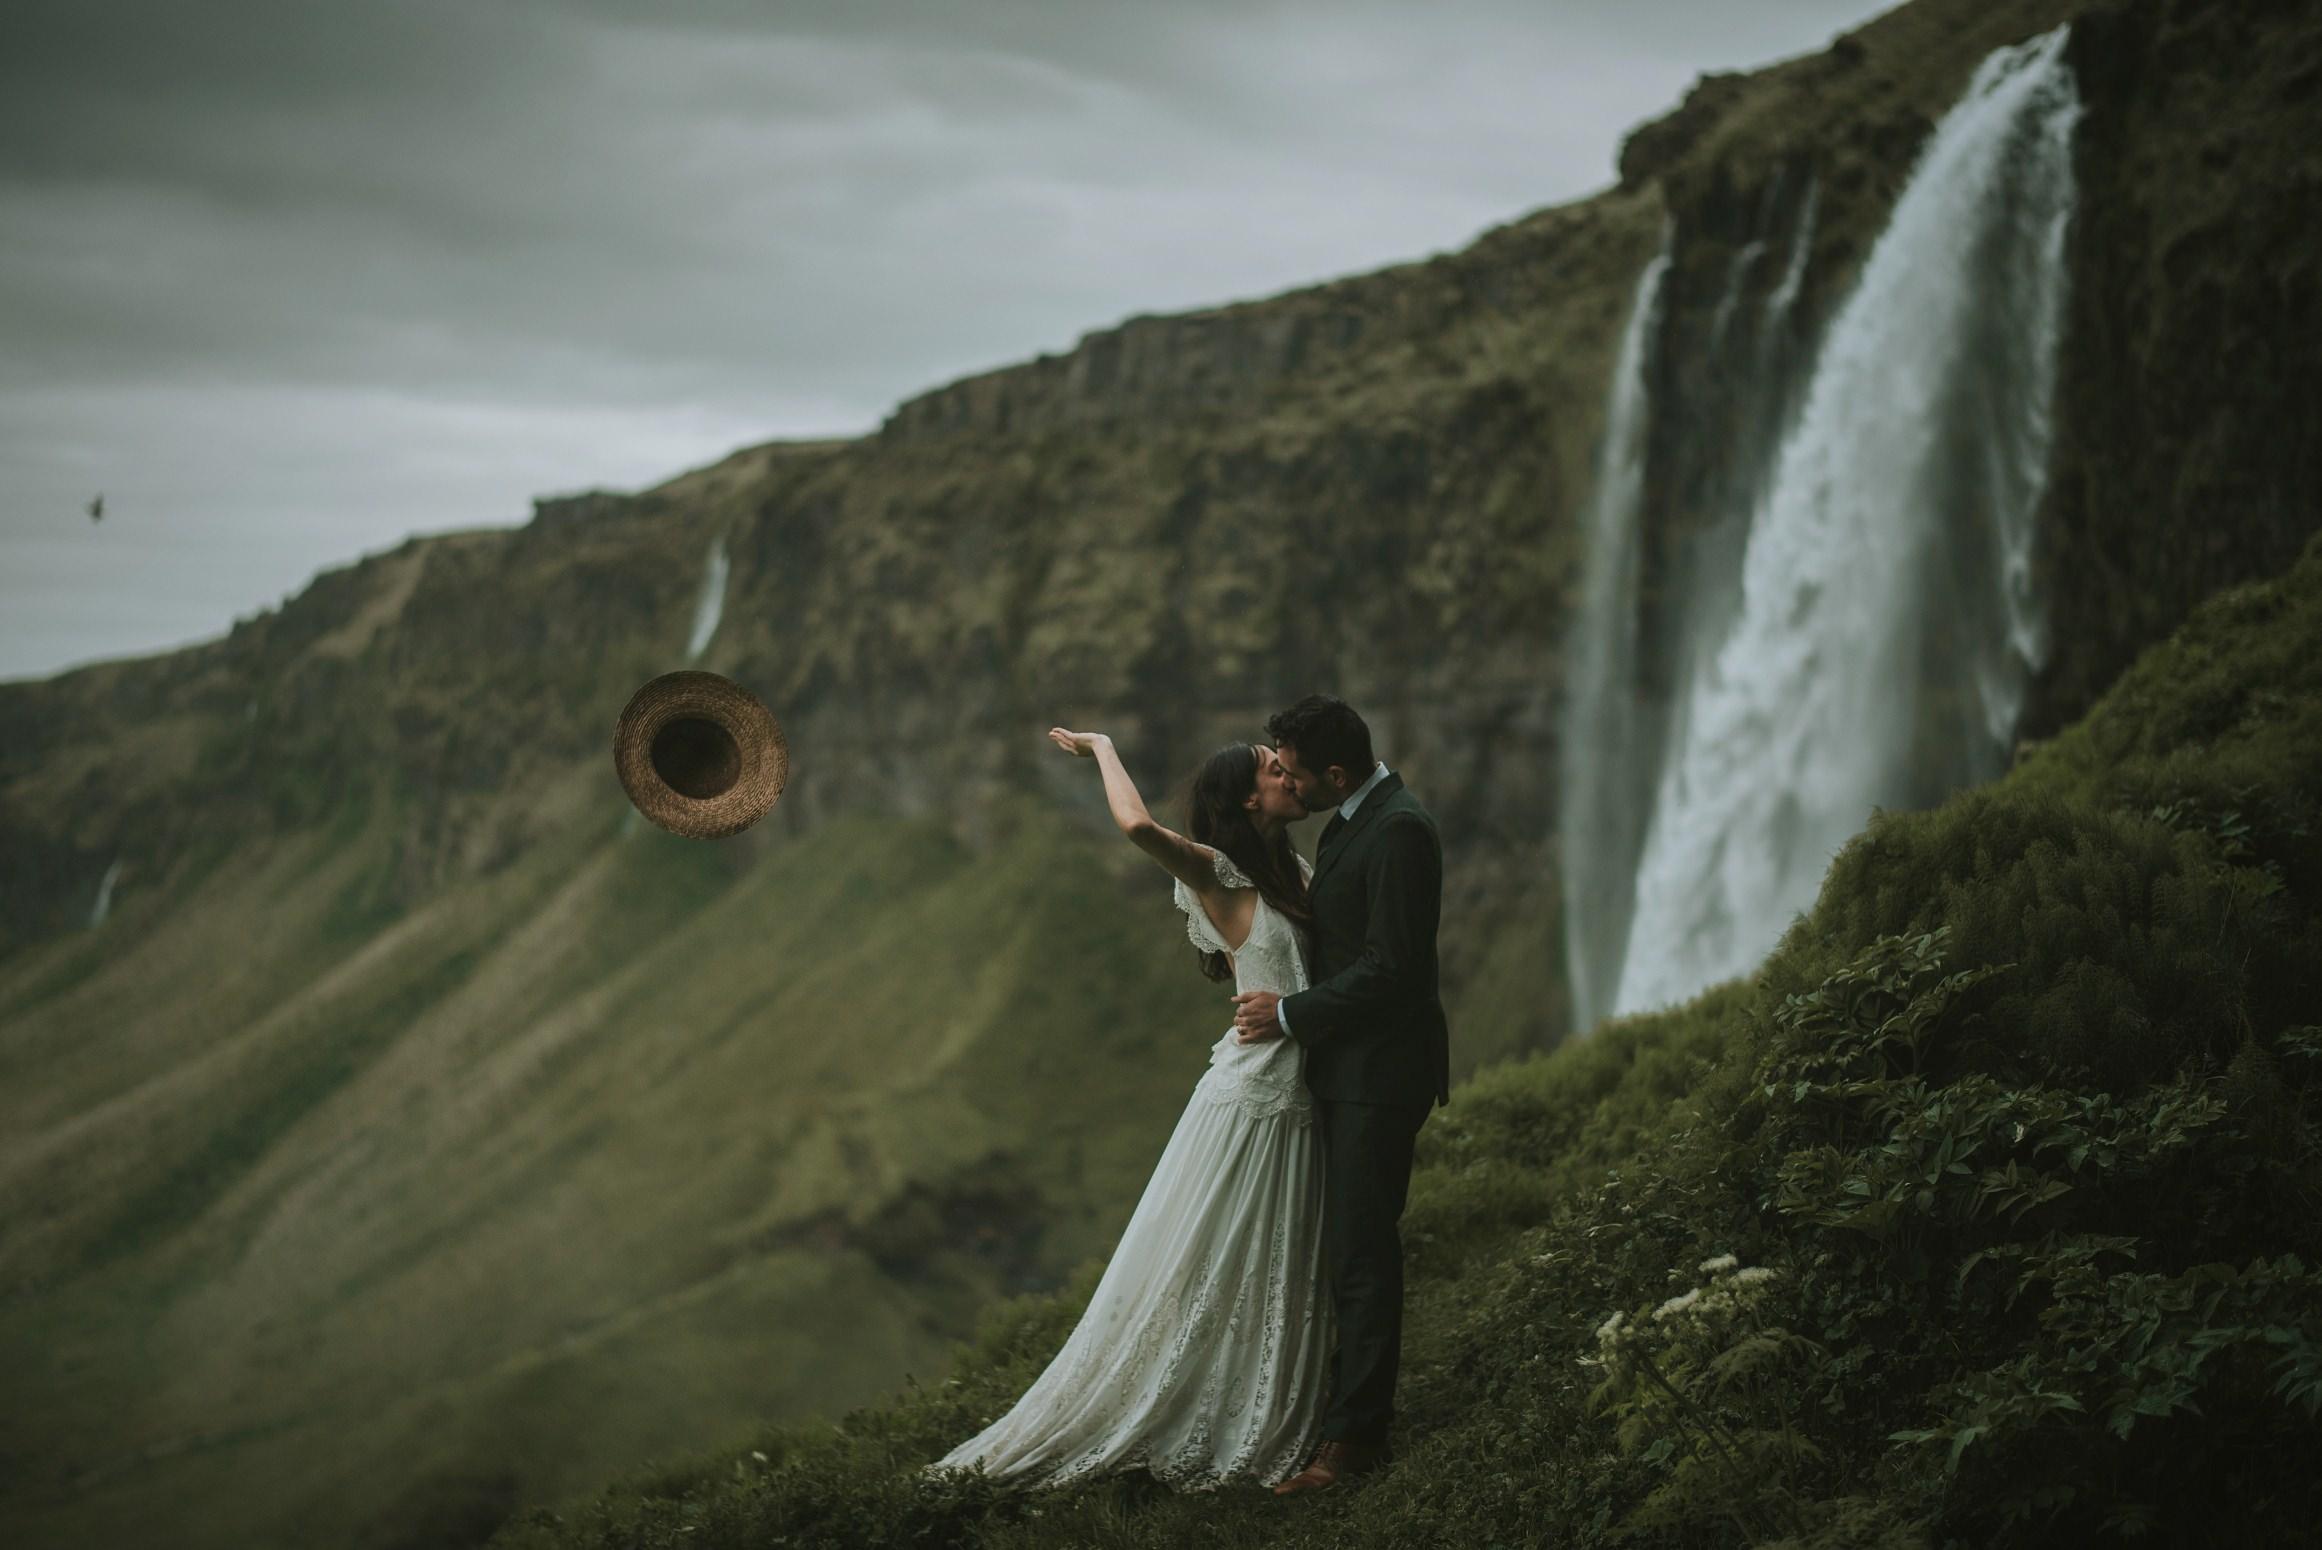 Virginia&Evan-CubeEmily&Peter-Iceland09